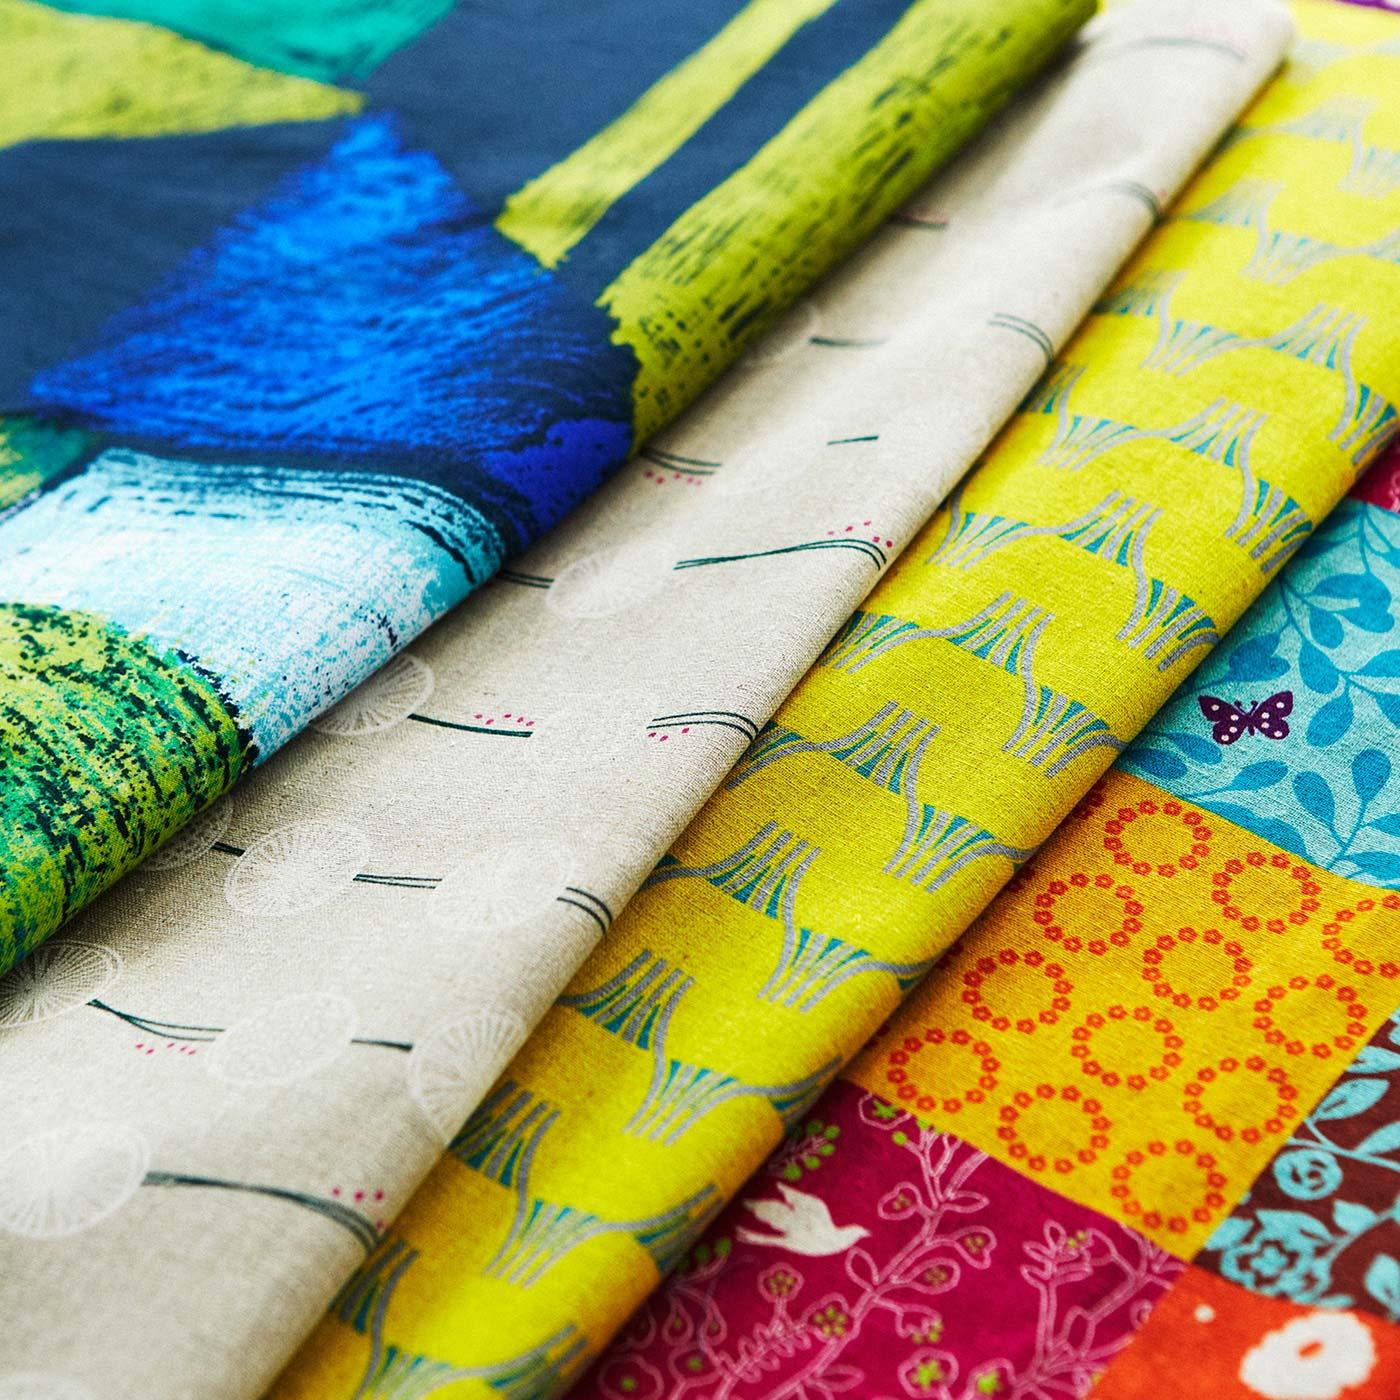 毎月個性的な柄の布が届きます。見ているだけでワクワク!